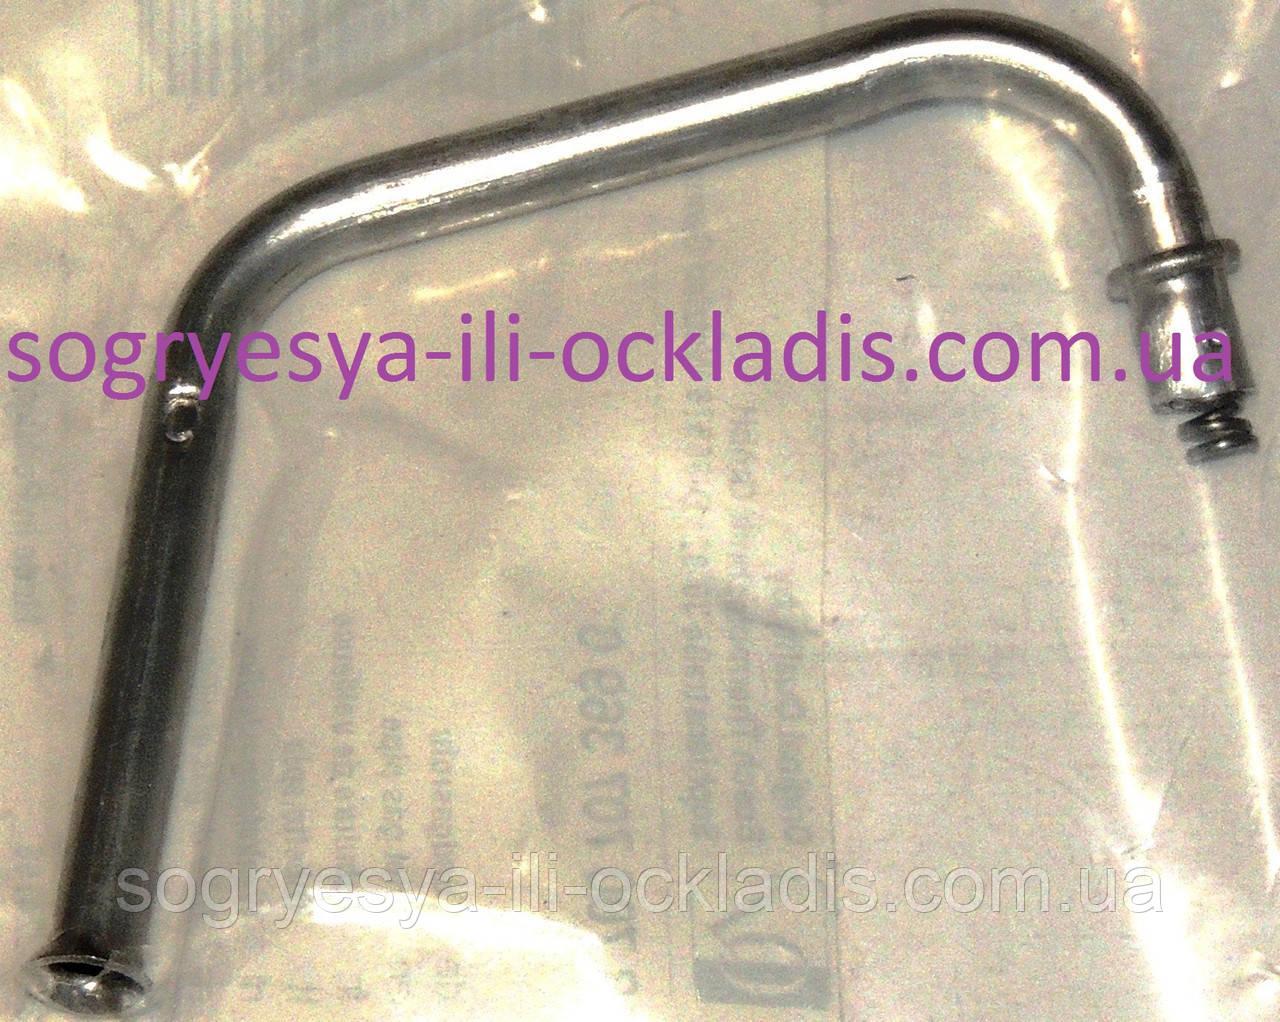 Трубка запальника алюмин. (фир.уп, EU) колонокBosch-JunkersWR10P,арт.8700707369, к.з.0925